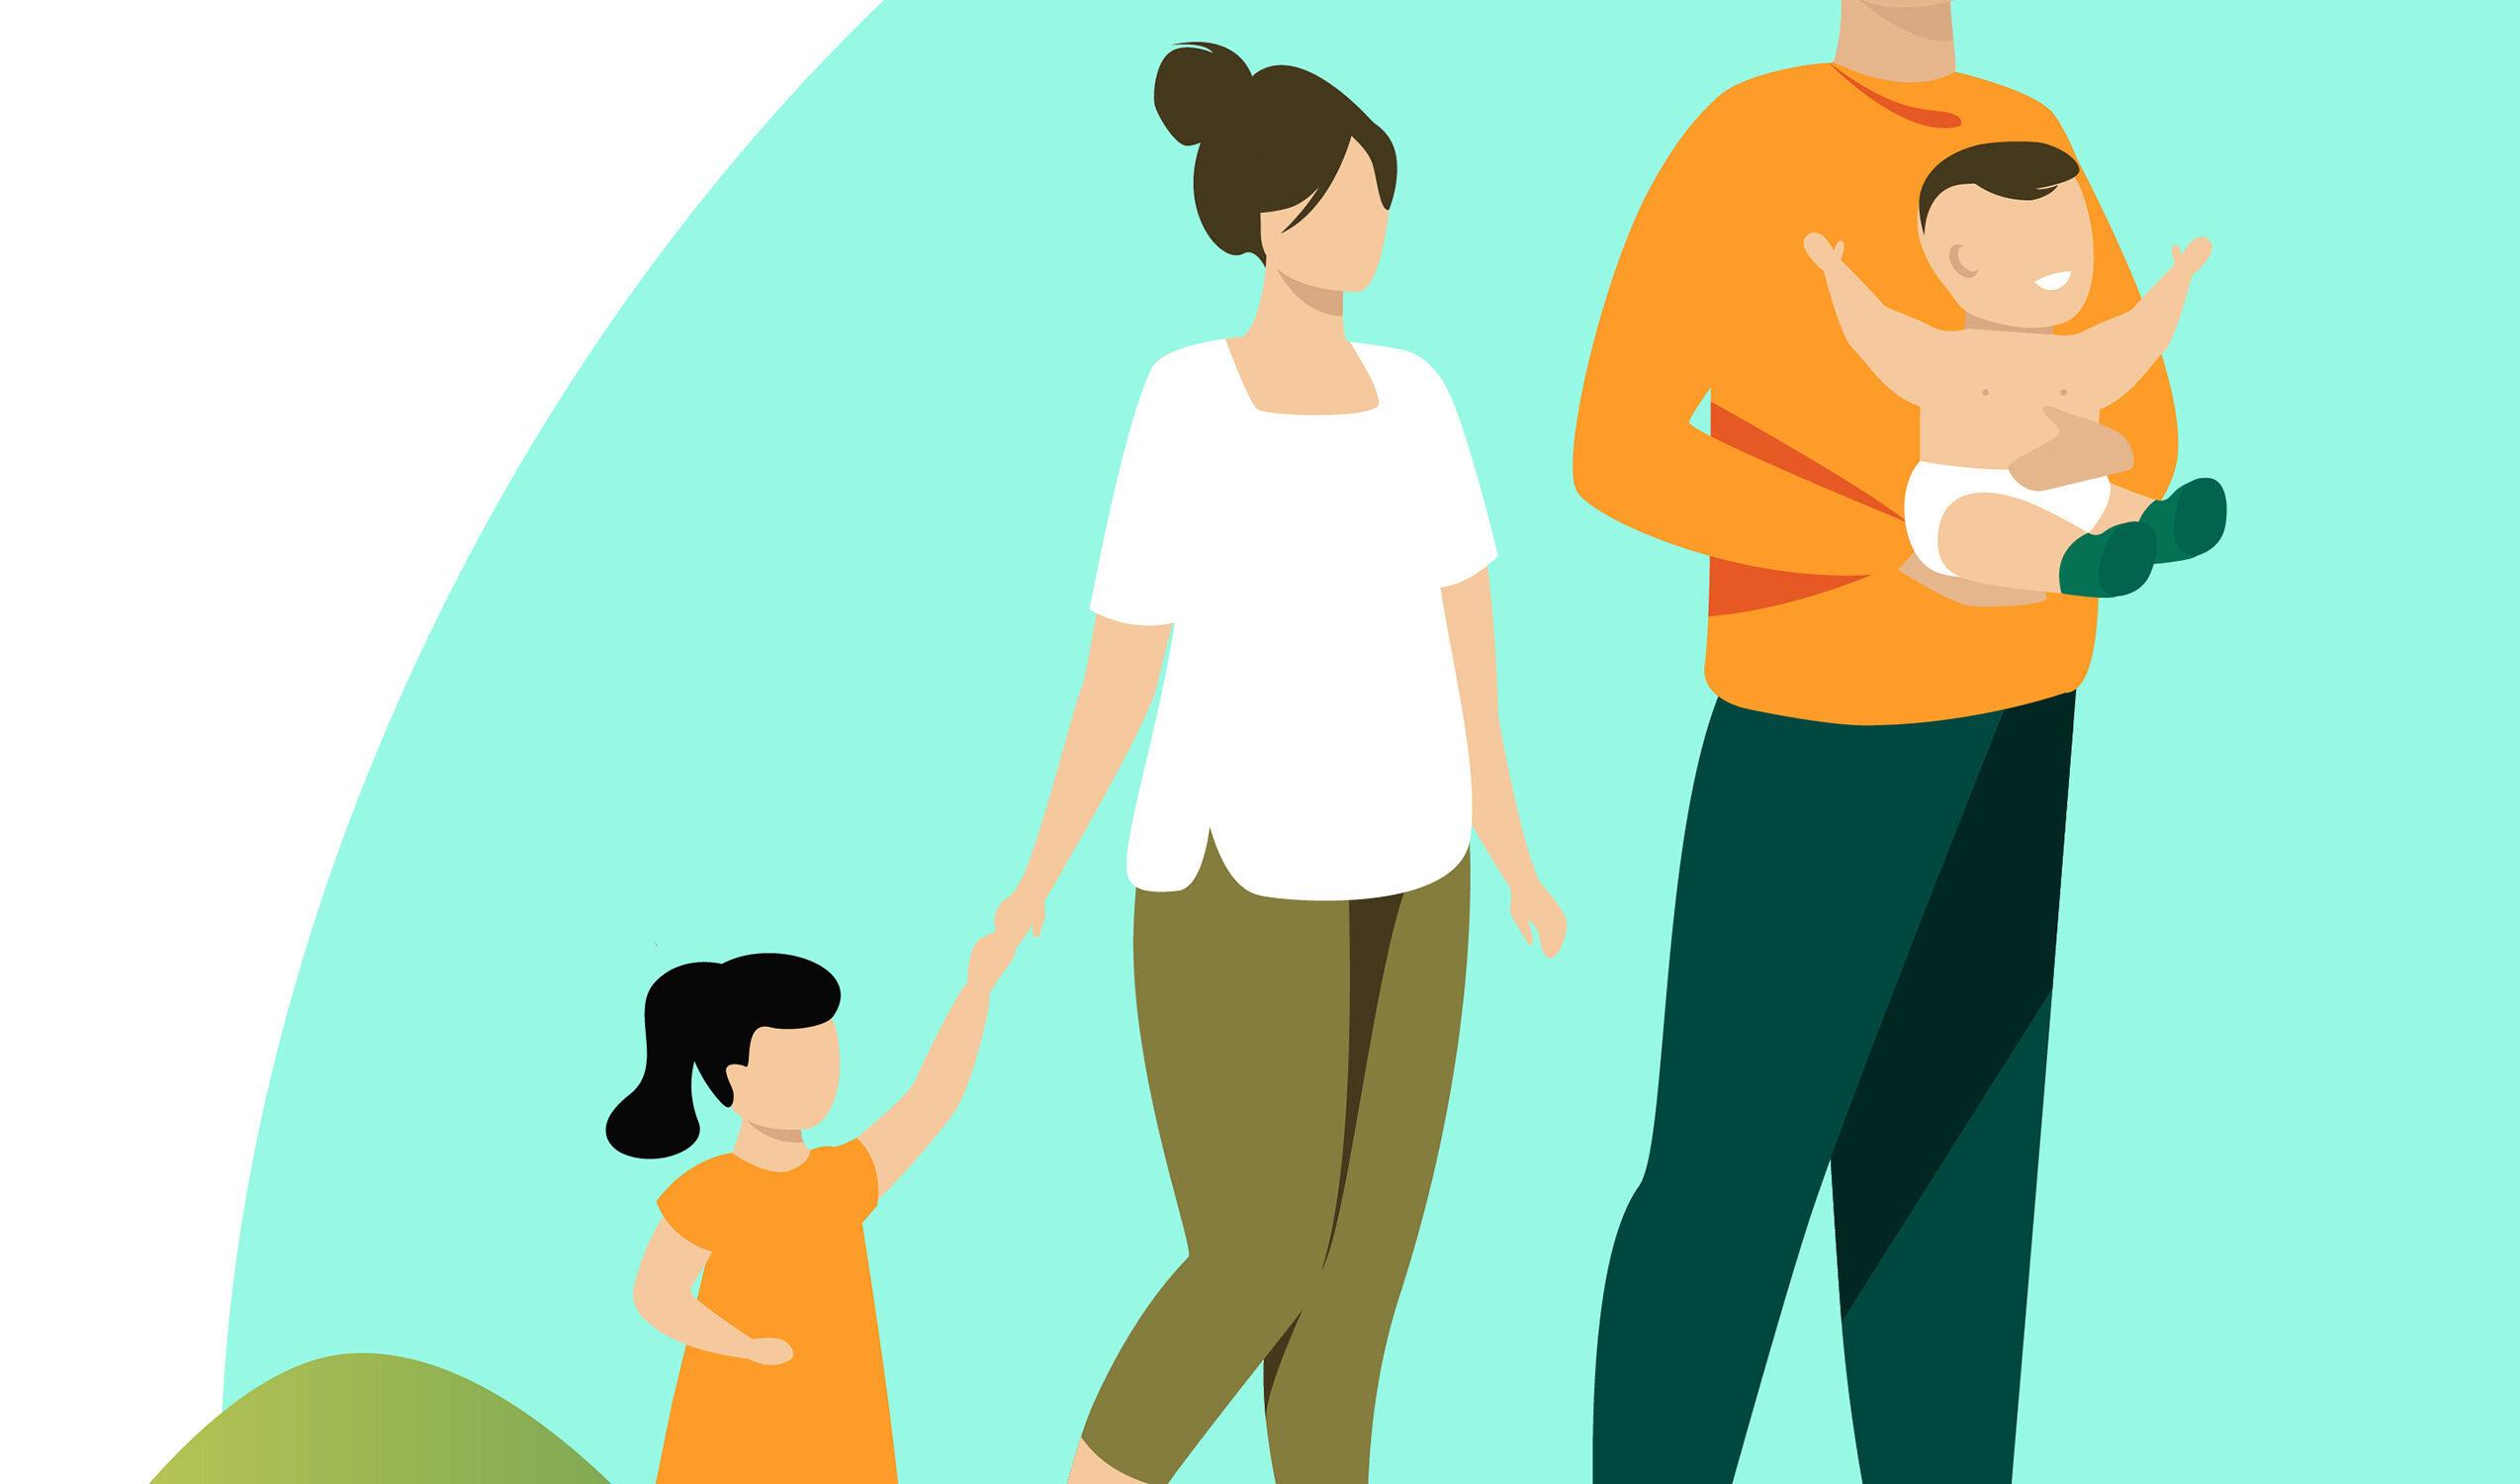 famiglia con minori